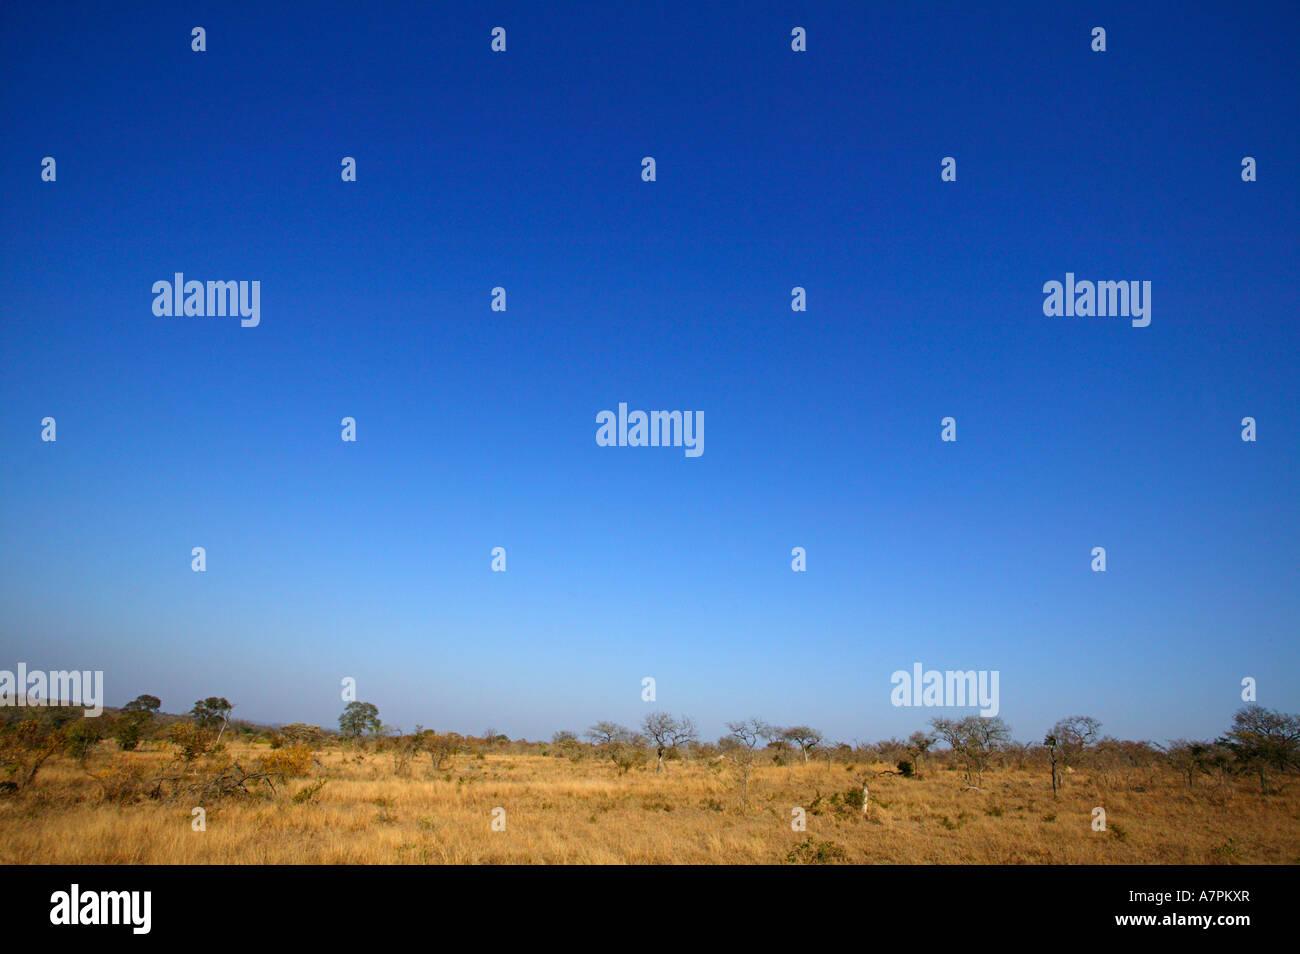 Une scène de bushveld à sec avec un ciel sans nuages Sabi Sand Game Reserve Afrique du Sud Mpumalanga Photo Stock